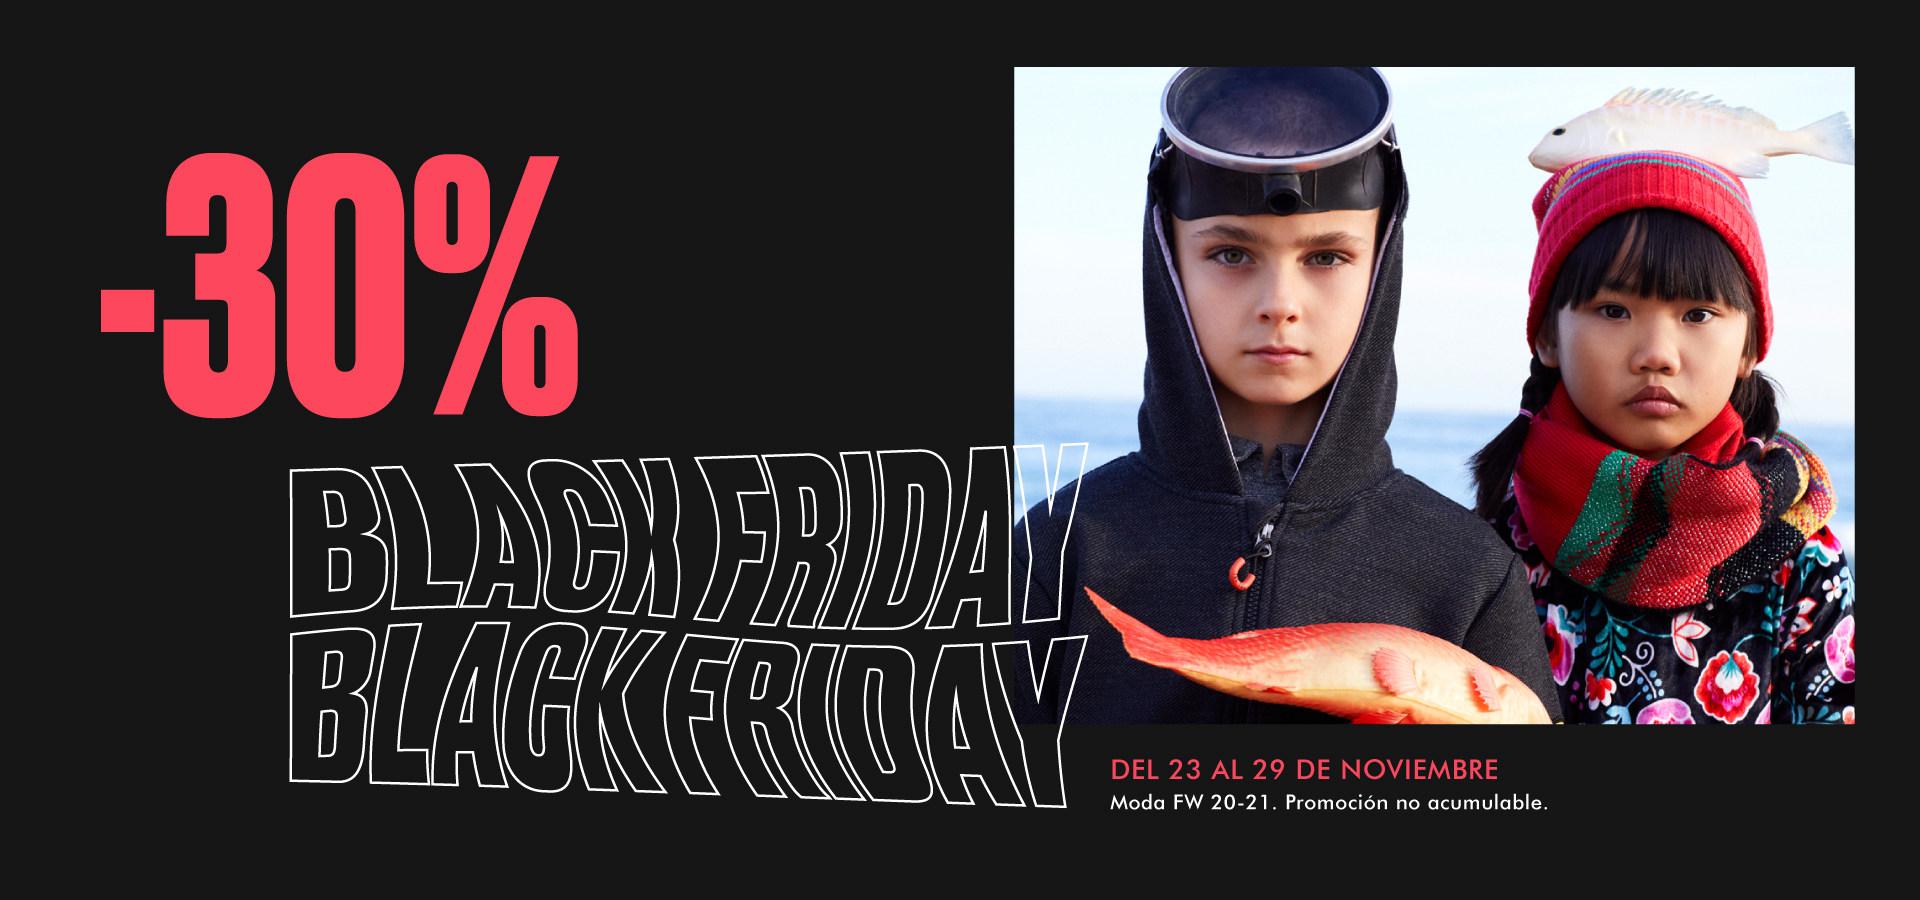 Black Friday Tuc Tuc Con 30% De Descuento